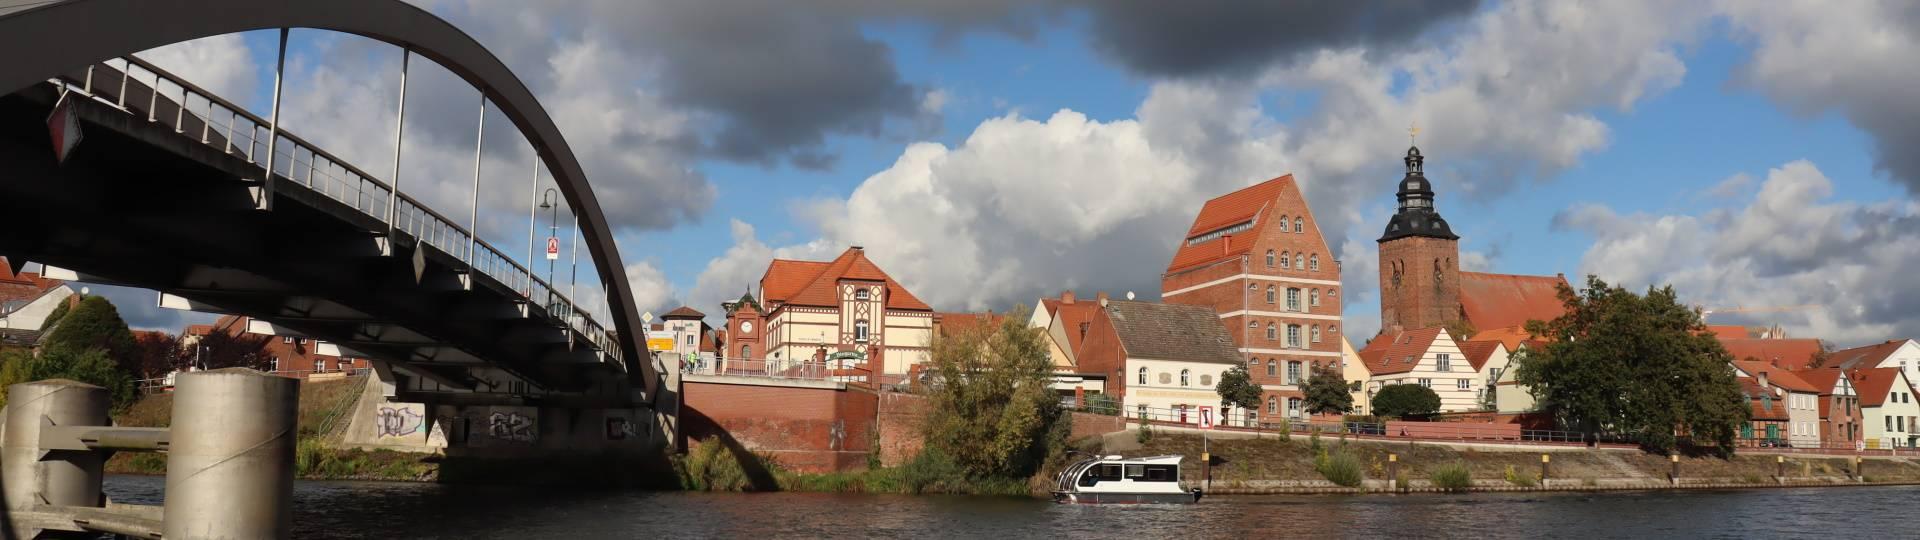 den herbstwolken davon schippern ©Hansestadt Havelberg